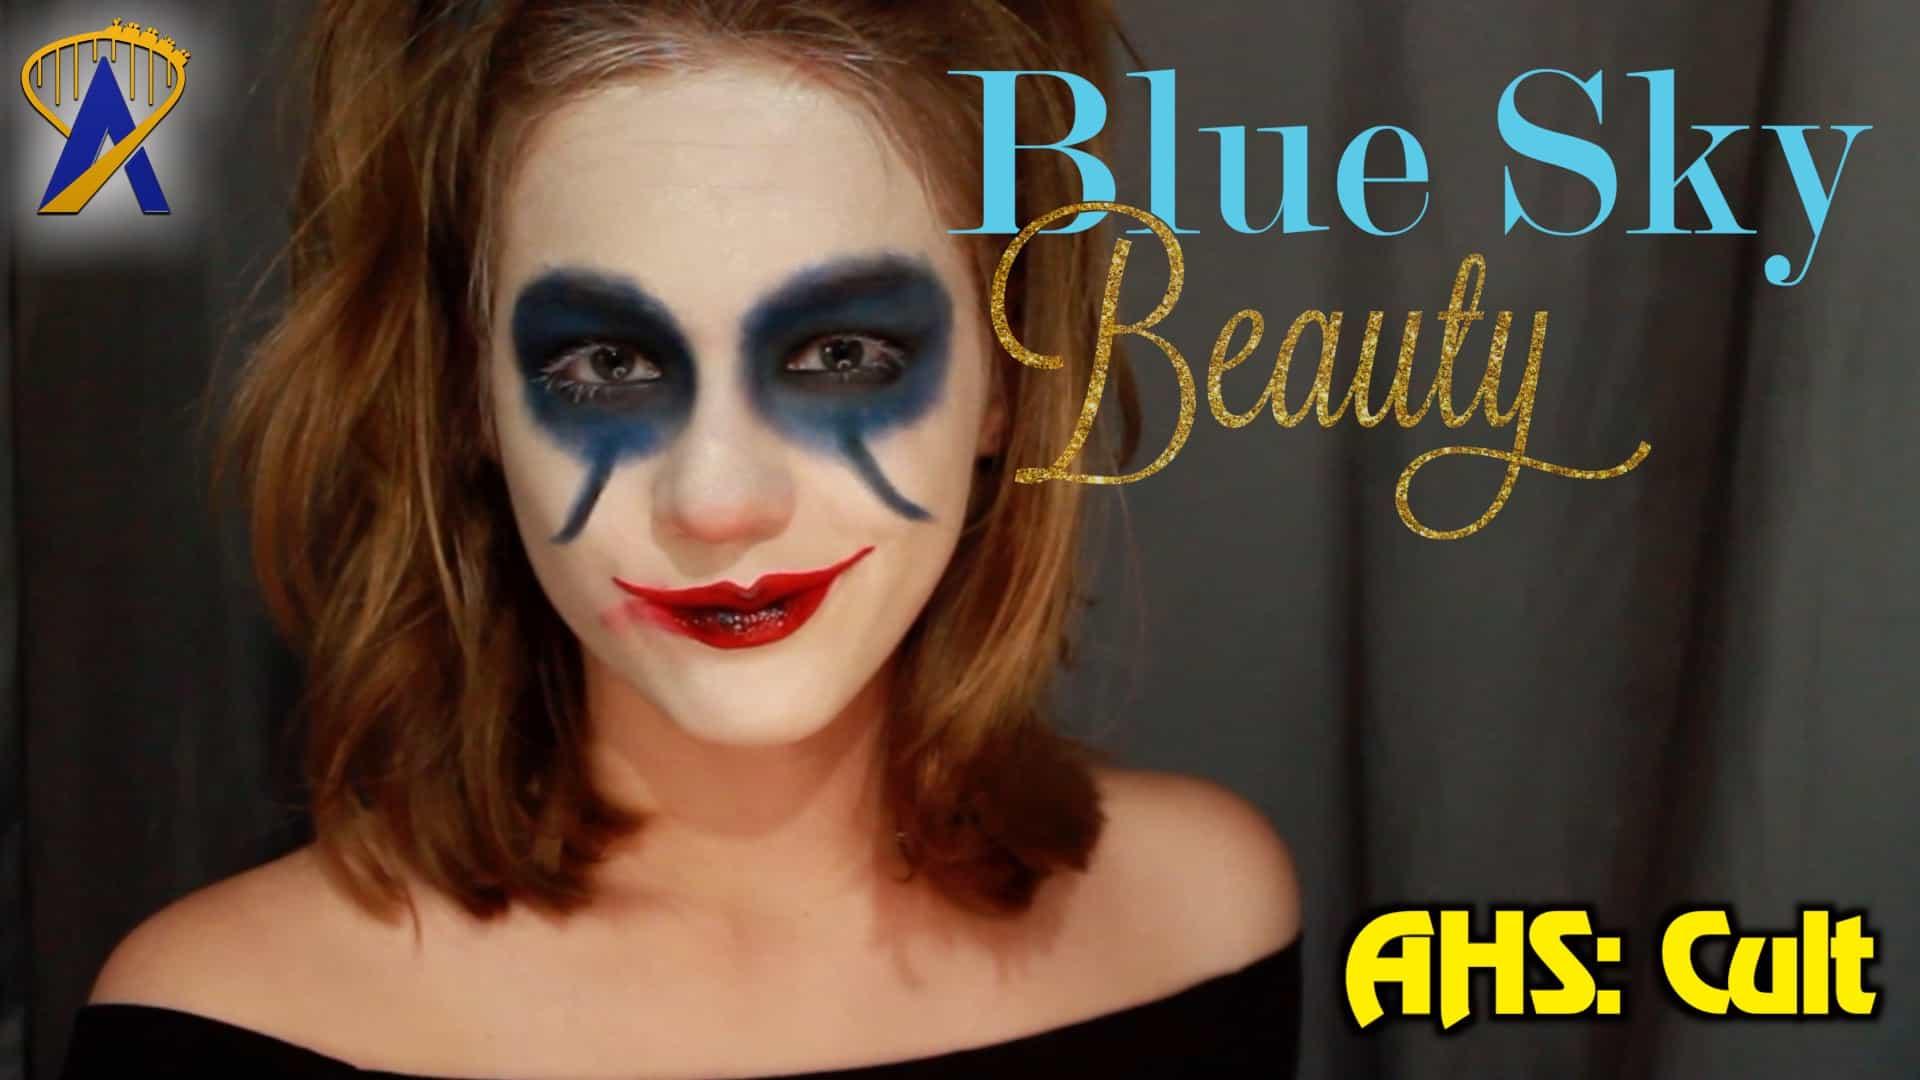 Blue Sky Beauty - Clownin' Around with AHS: Cult